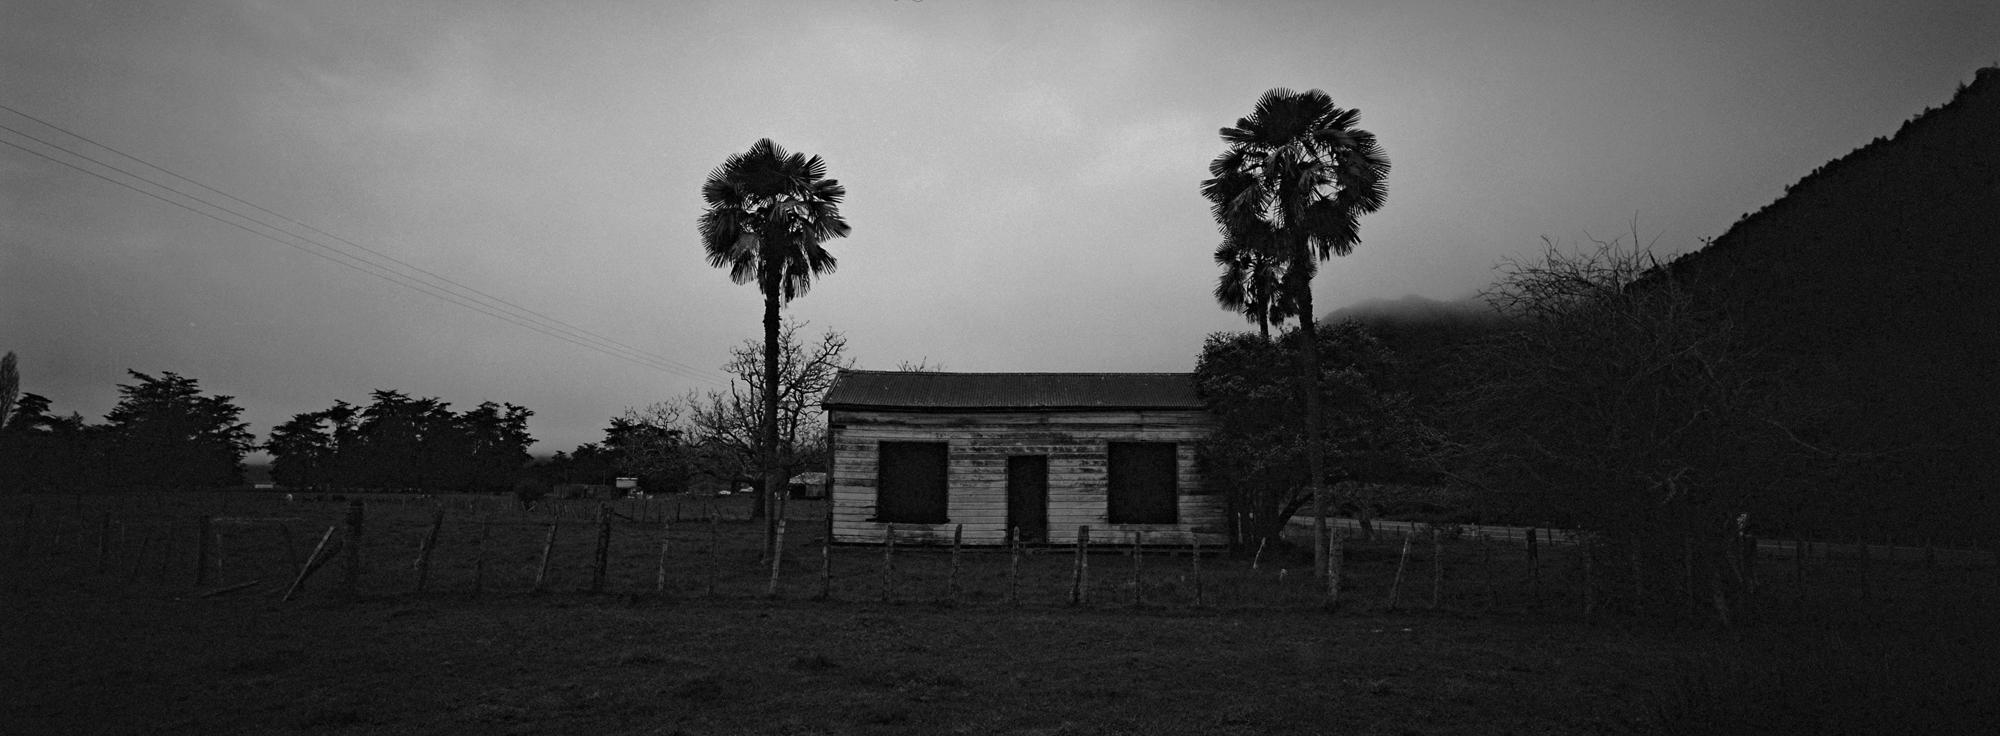 The Palms (Xpan)